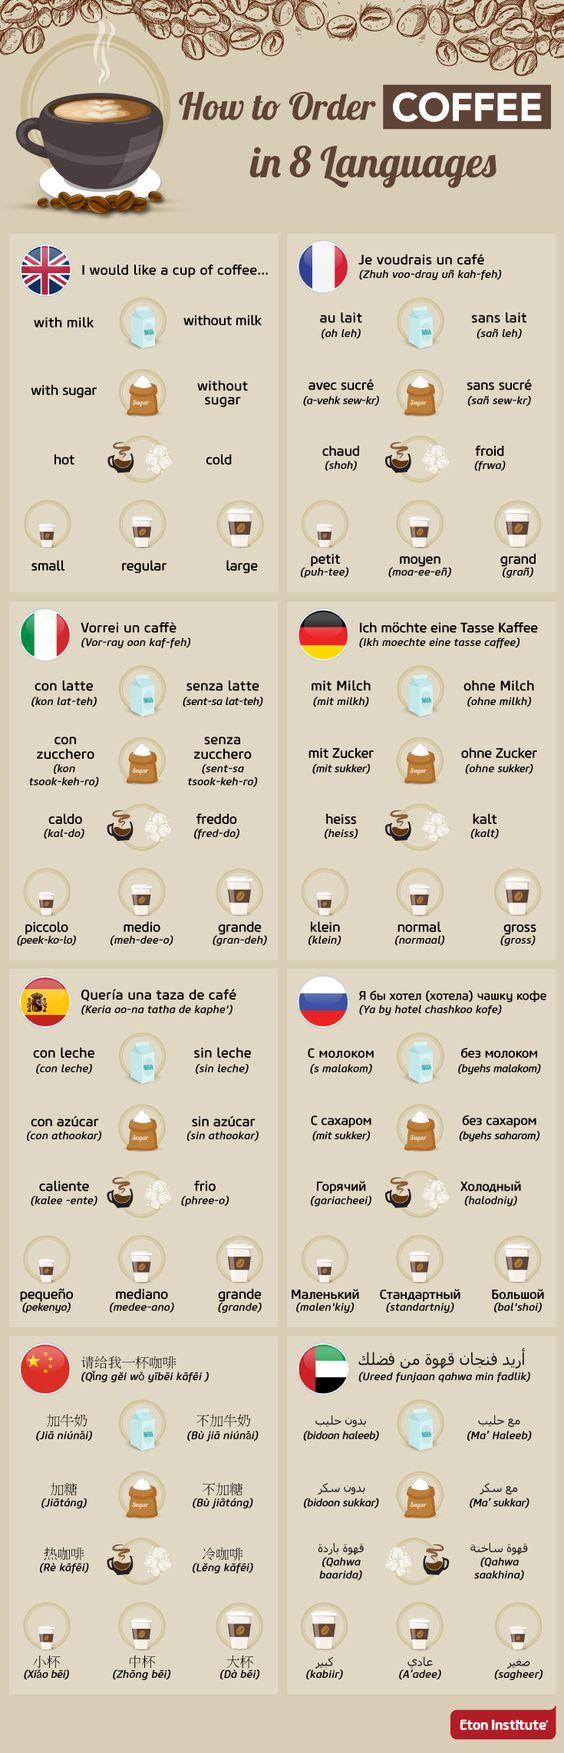 Einen Kaffee bitte - in 8 verschiedenen #Sprachen. #spanishthings